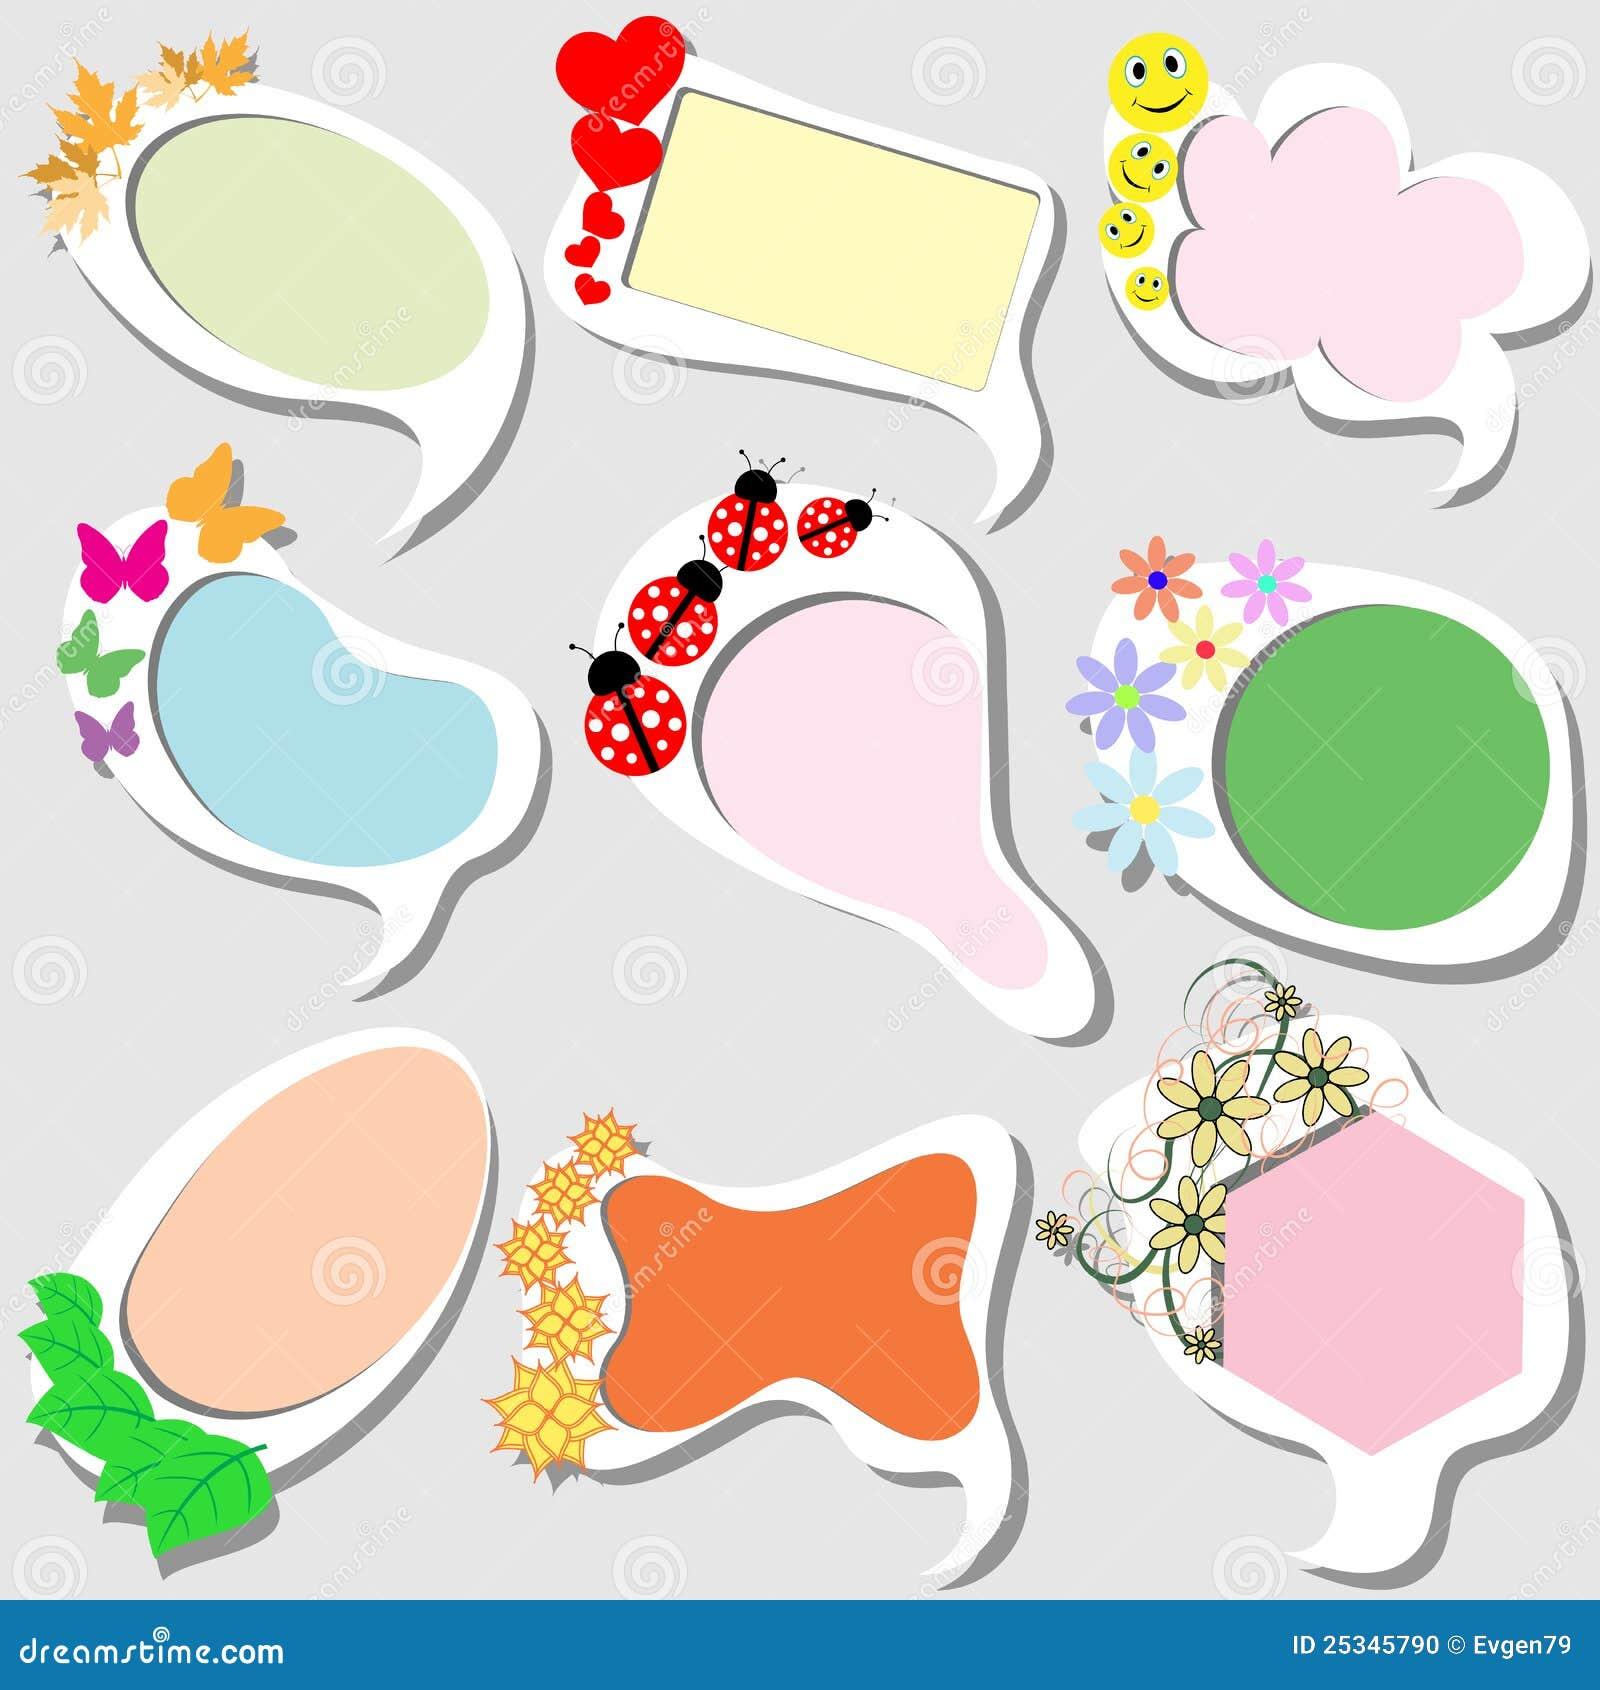 Funny frames stock vector. Illustration of blank, invitation - 25345790